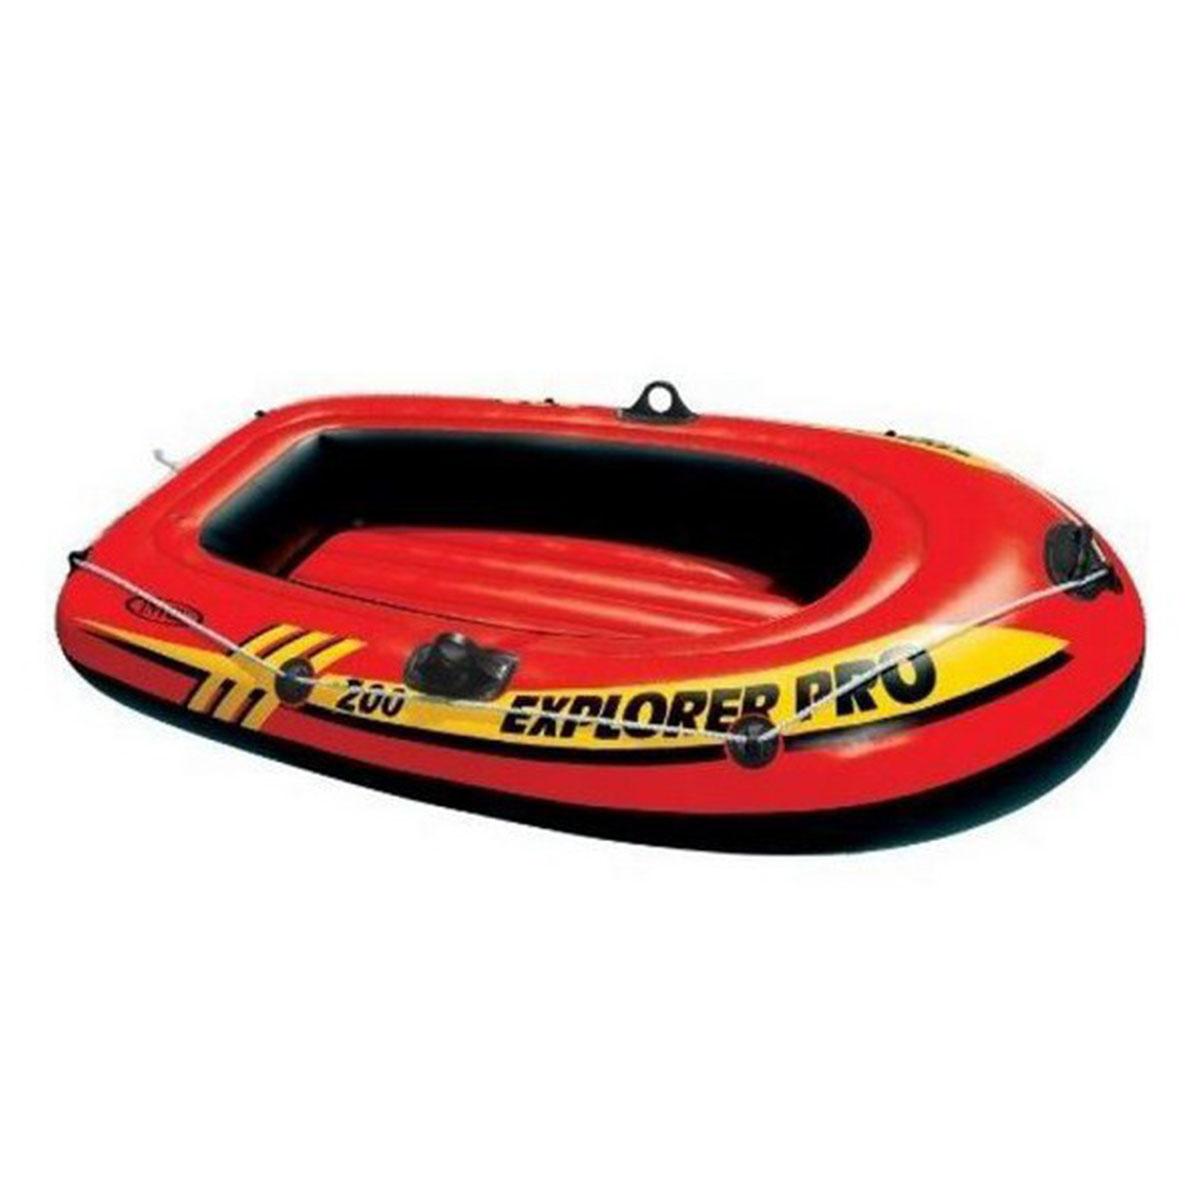 Intex Explorer Pro 200 Boat